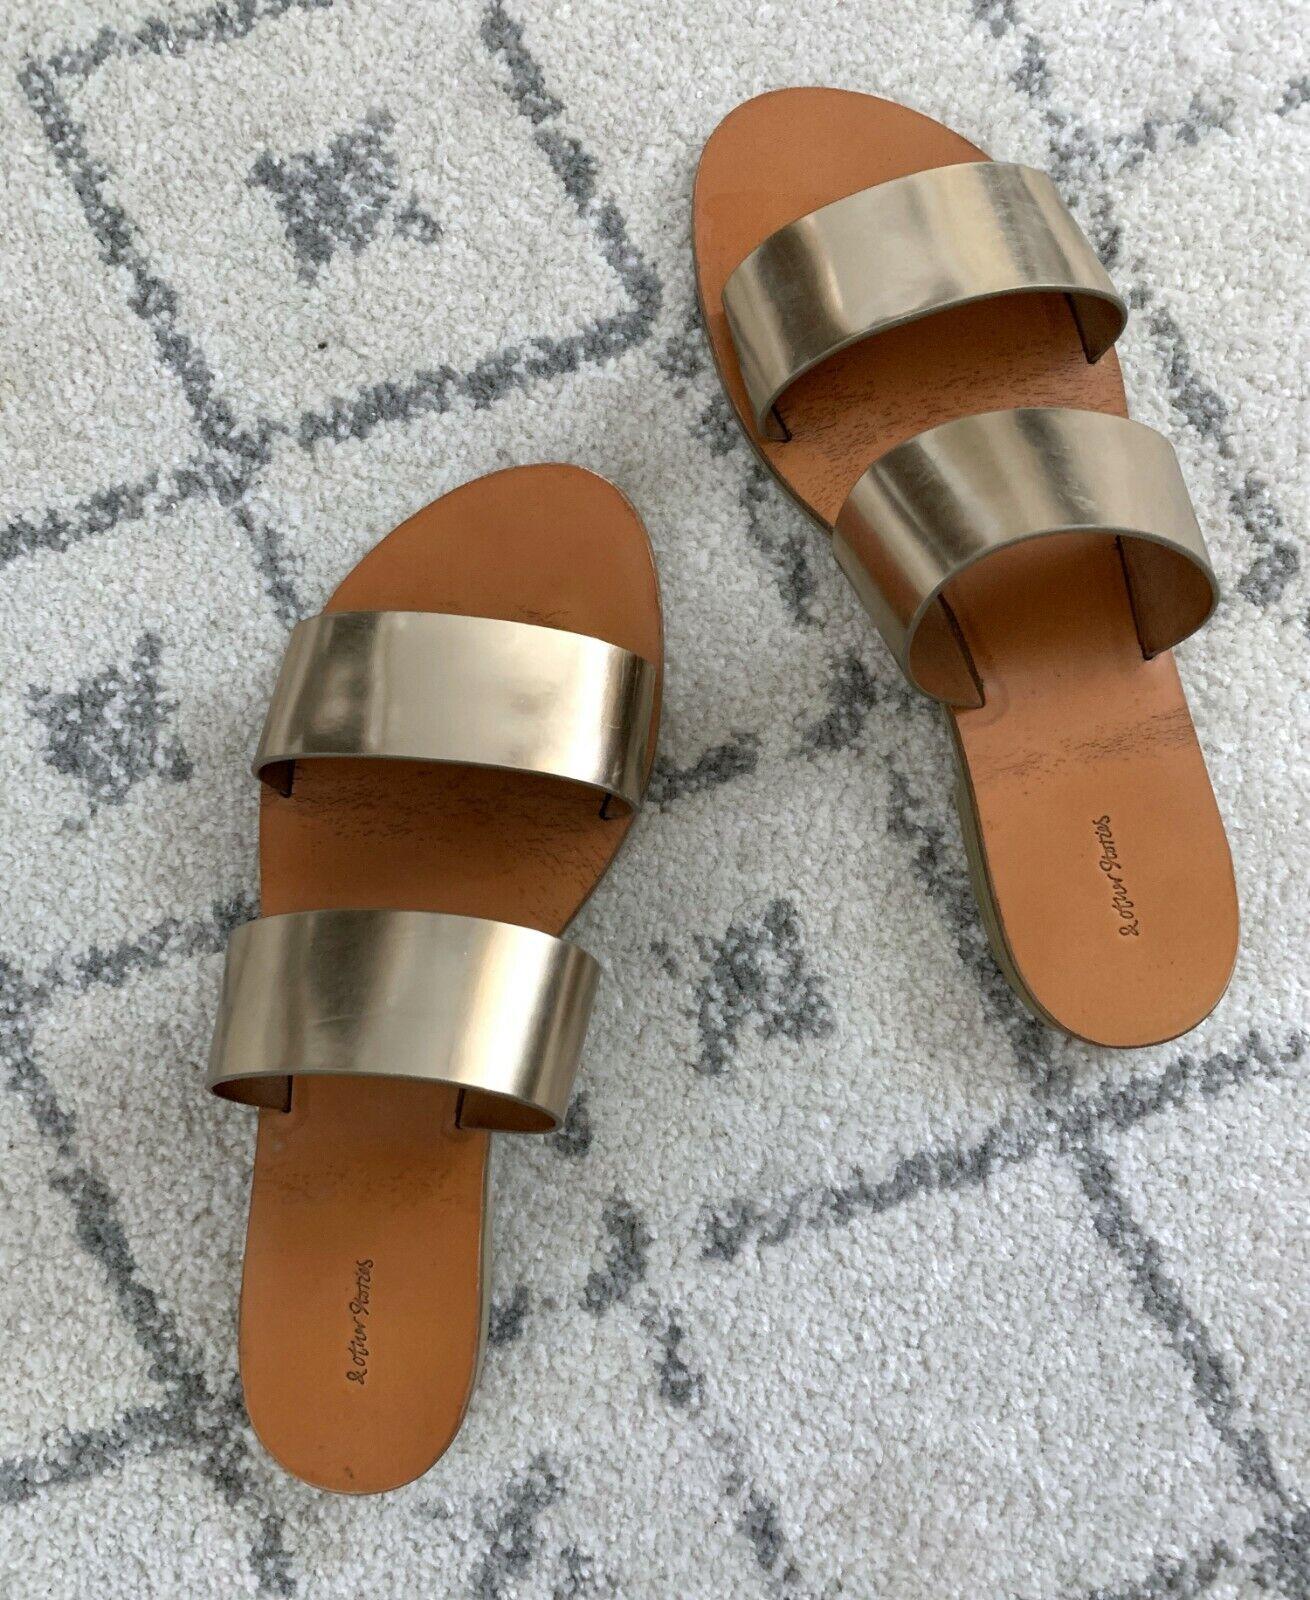 & OTHER STORIES deux bracelet en cuir Slip-on Gold Slide Sandales-Taille 39 (US 8.5)